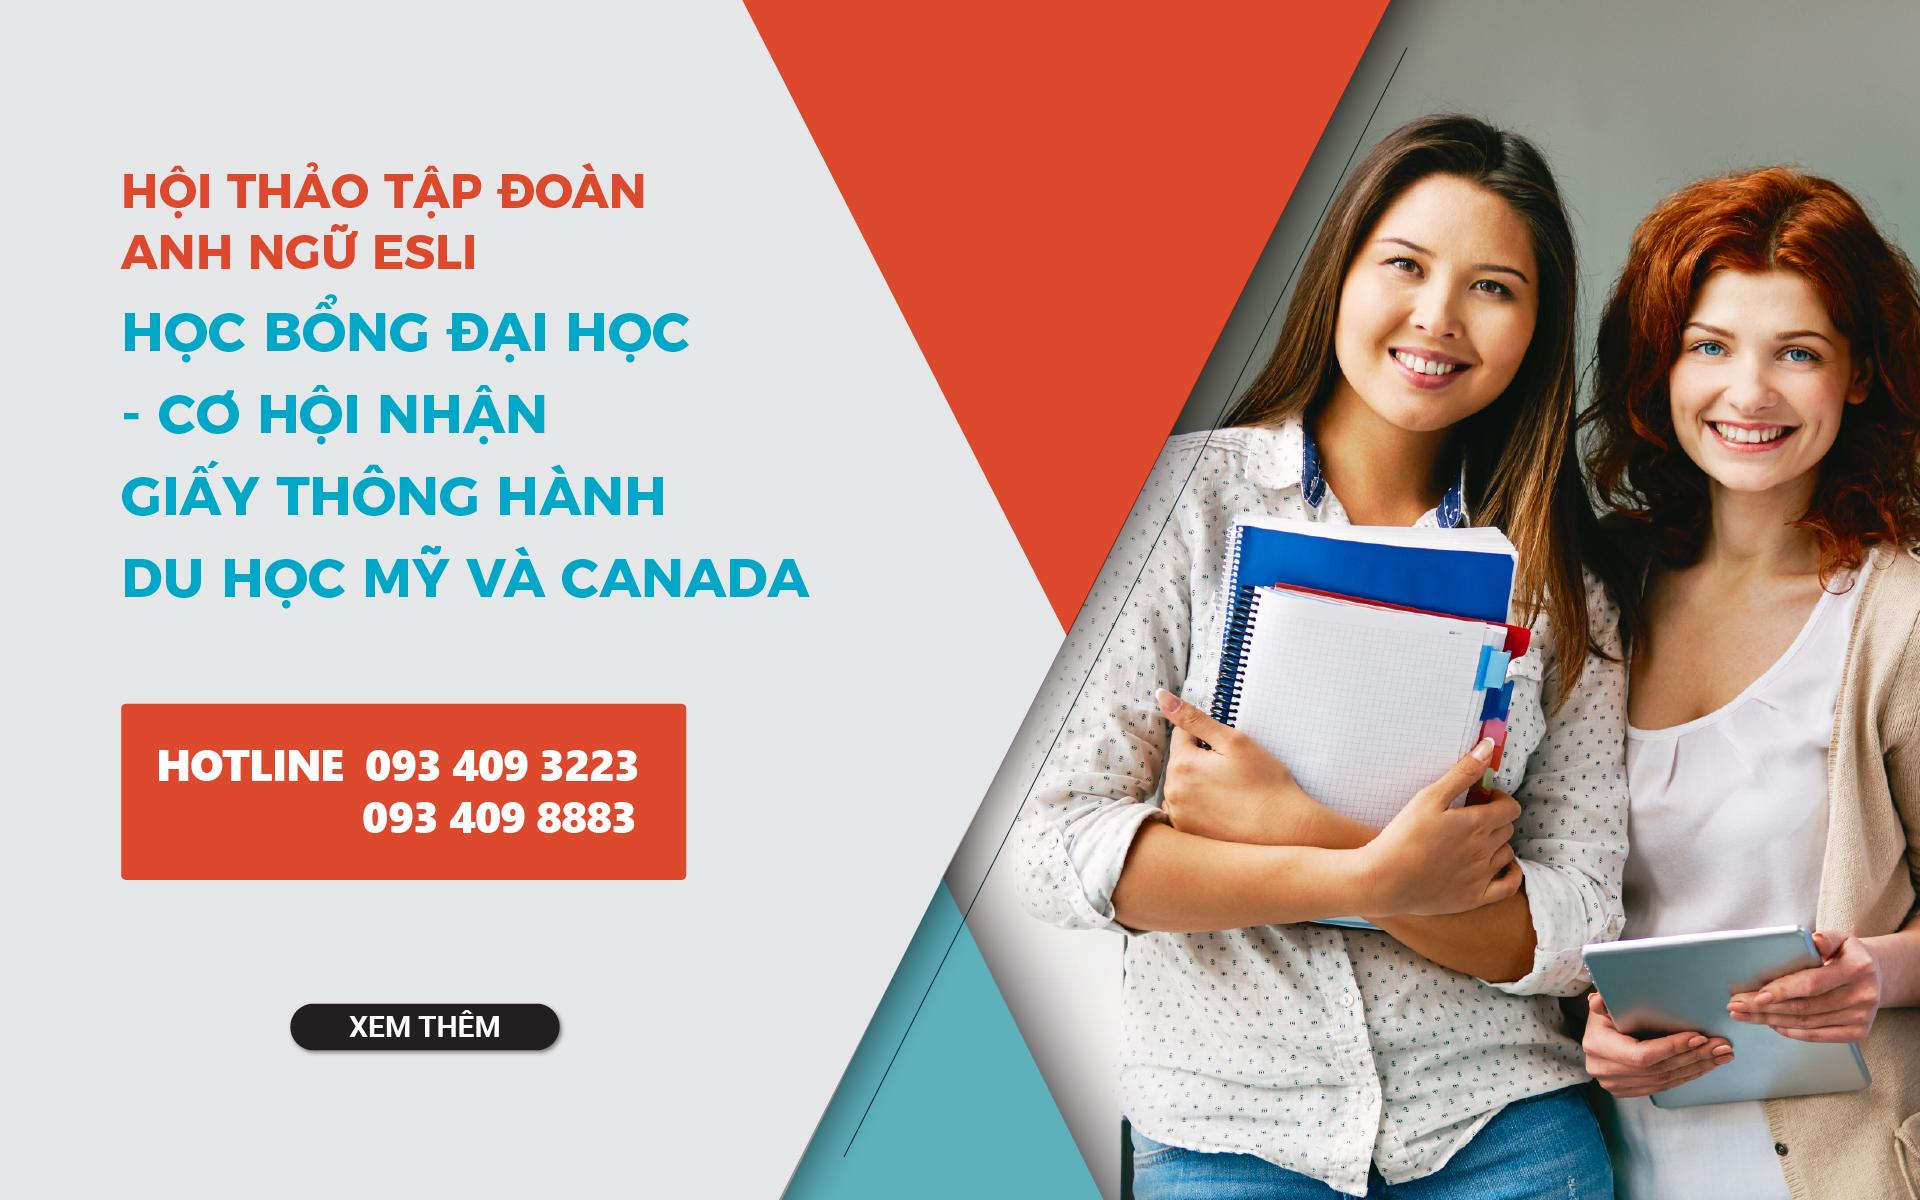 Hội thảo du học Mỹ và Canada: Nâng cao tỉ lệ visa cùng và cơ hội học bổng đại học đến 70%